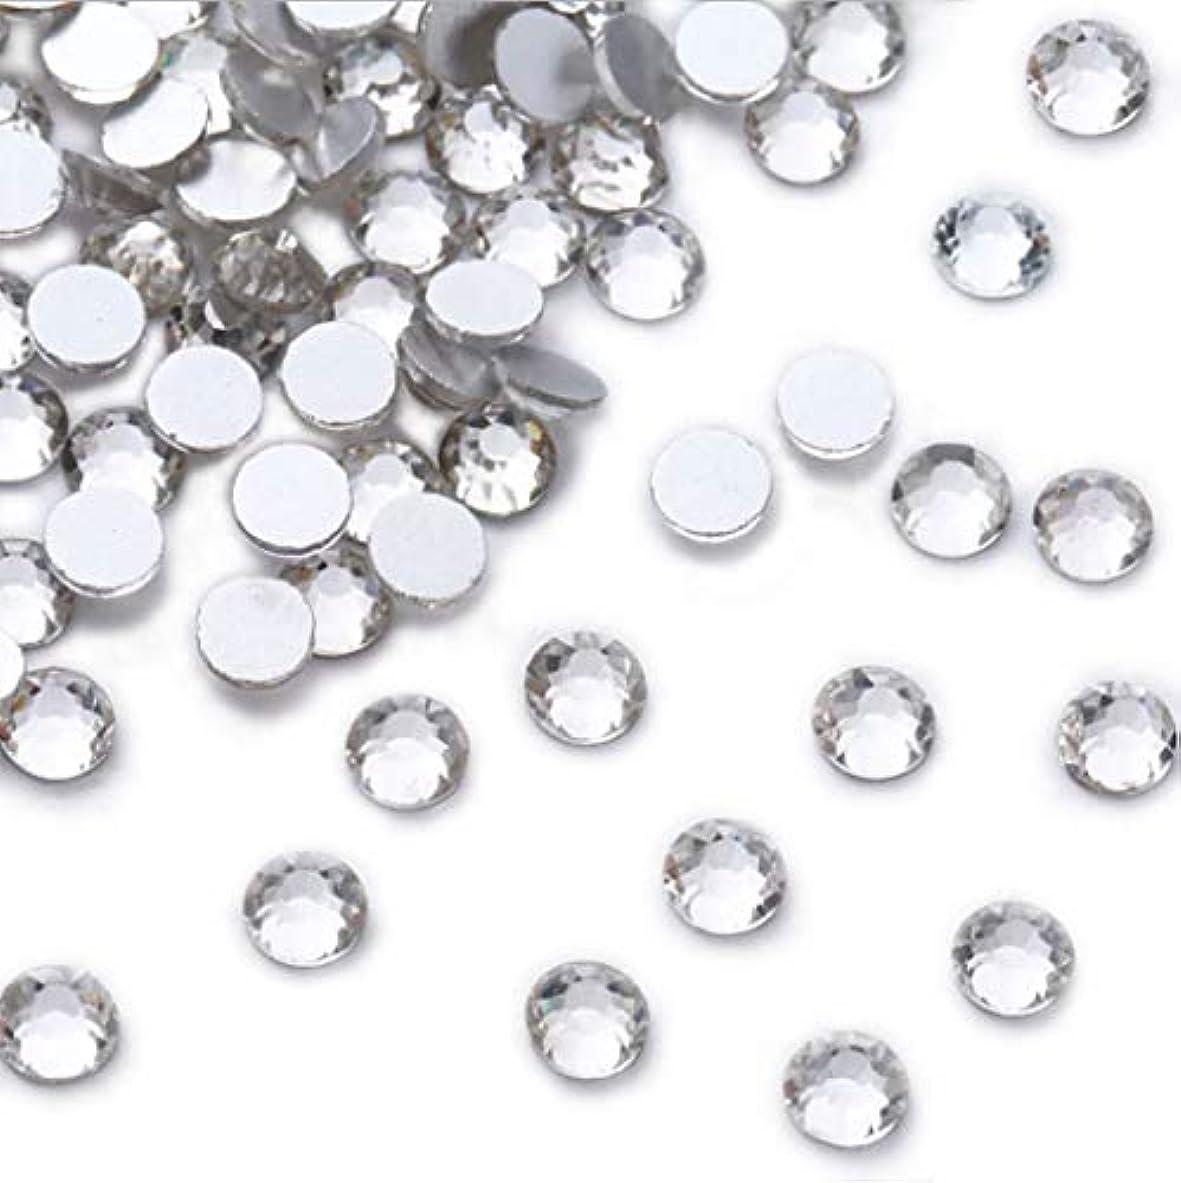 ウールミサイル痴漢XIULIラインストーン DIY ネイルを飾てと服装使用 高い採光 ホワイト ss3-30 (2.0mm ss6(1440粒), サイズ)